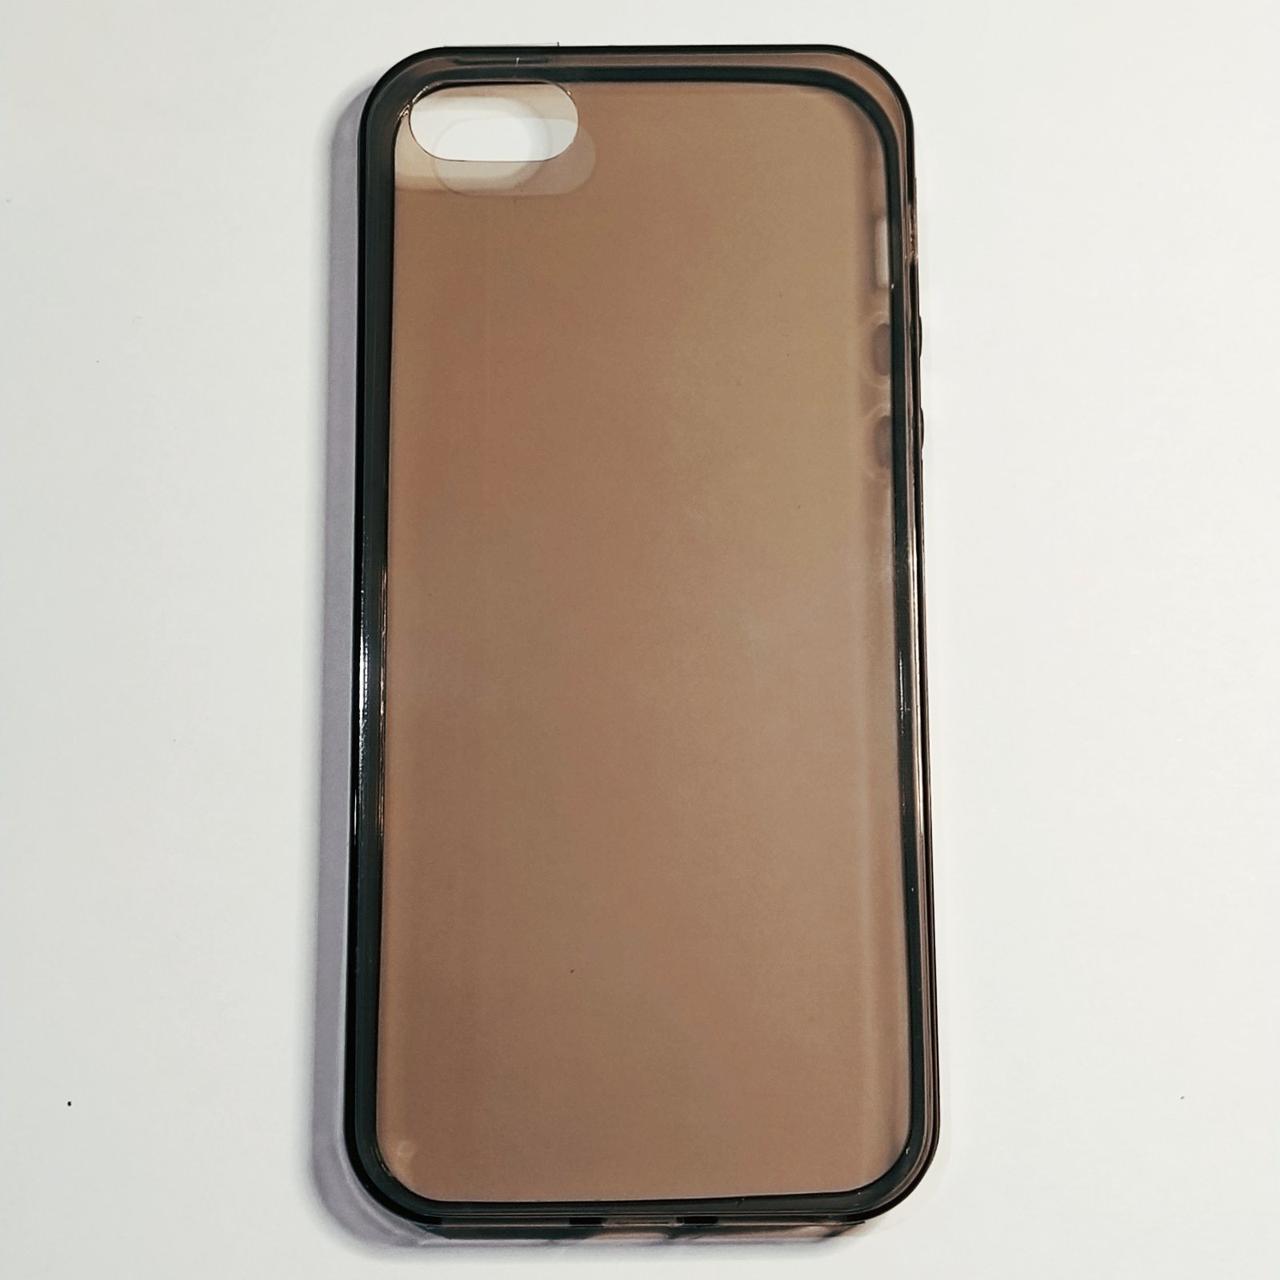 Бампер для iPhone 5/5S/5SE силиконовый темный Прозрачный